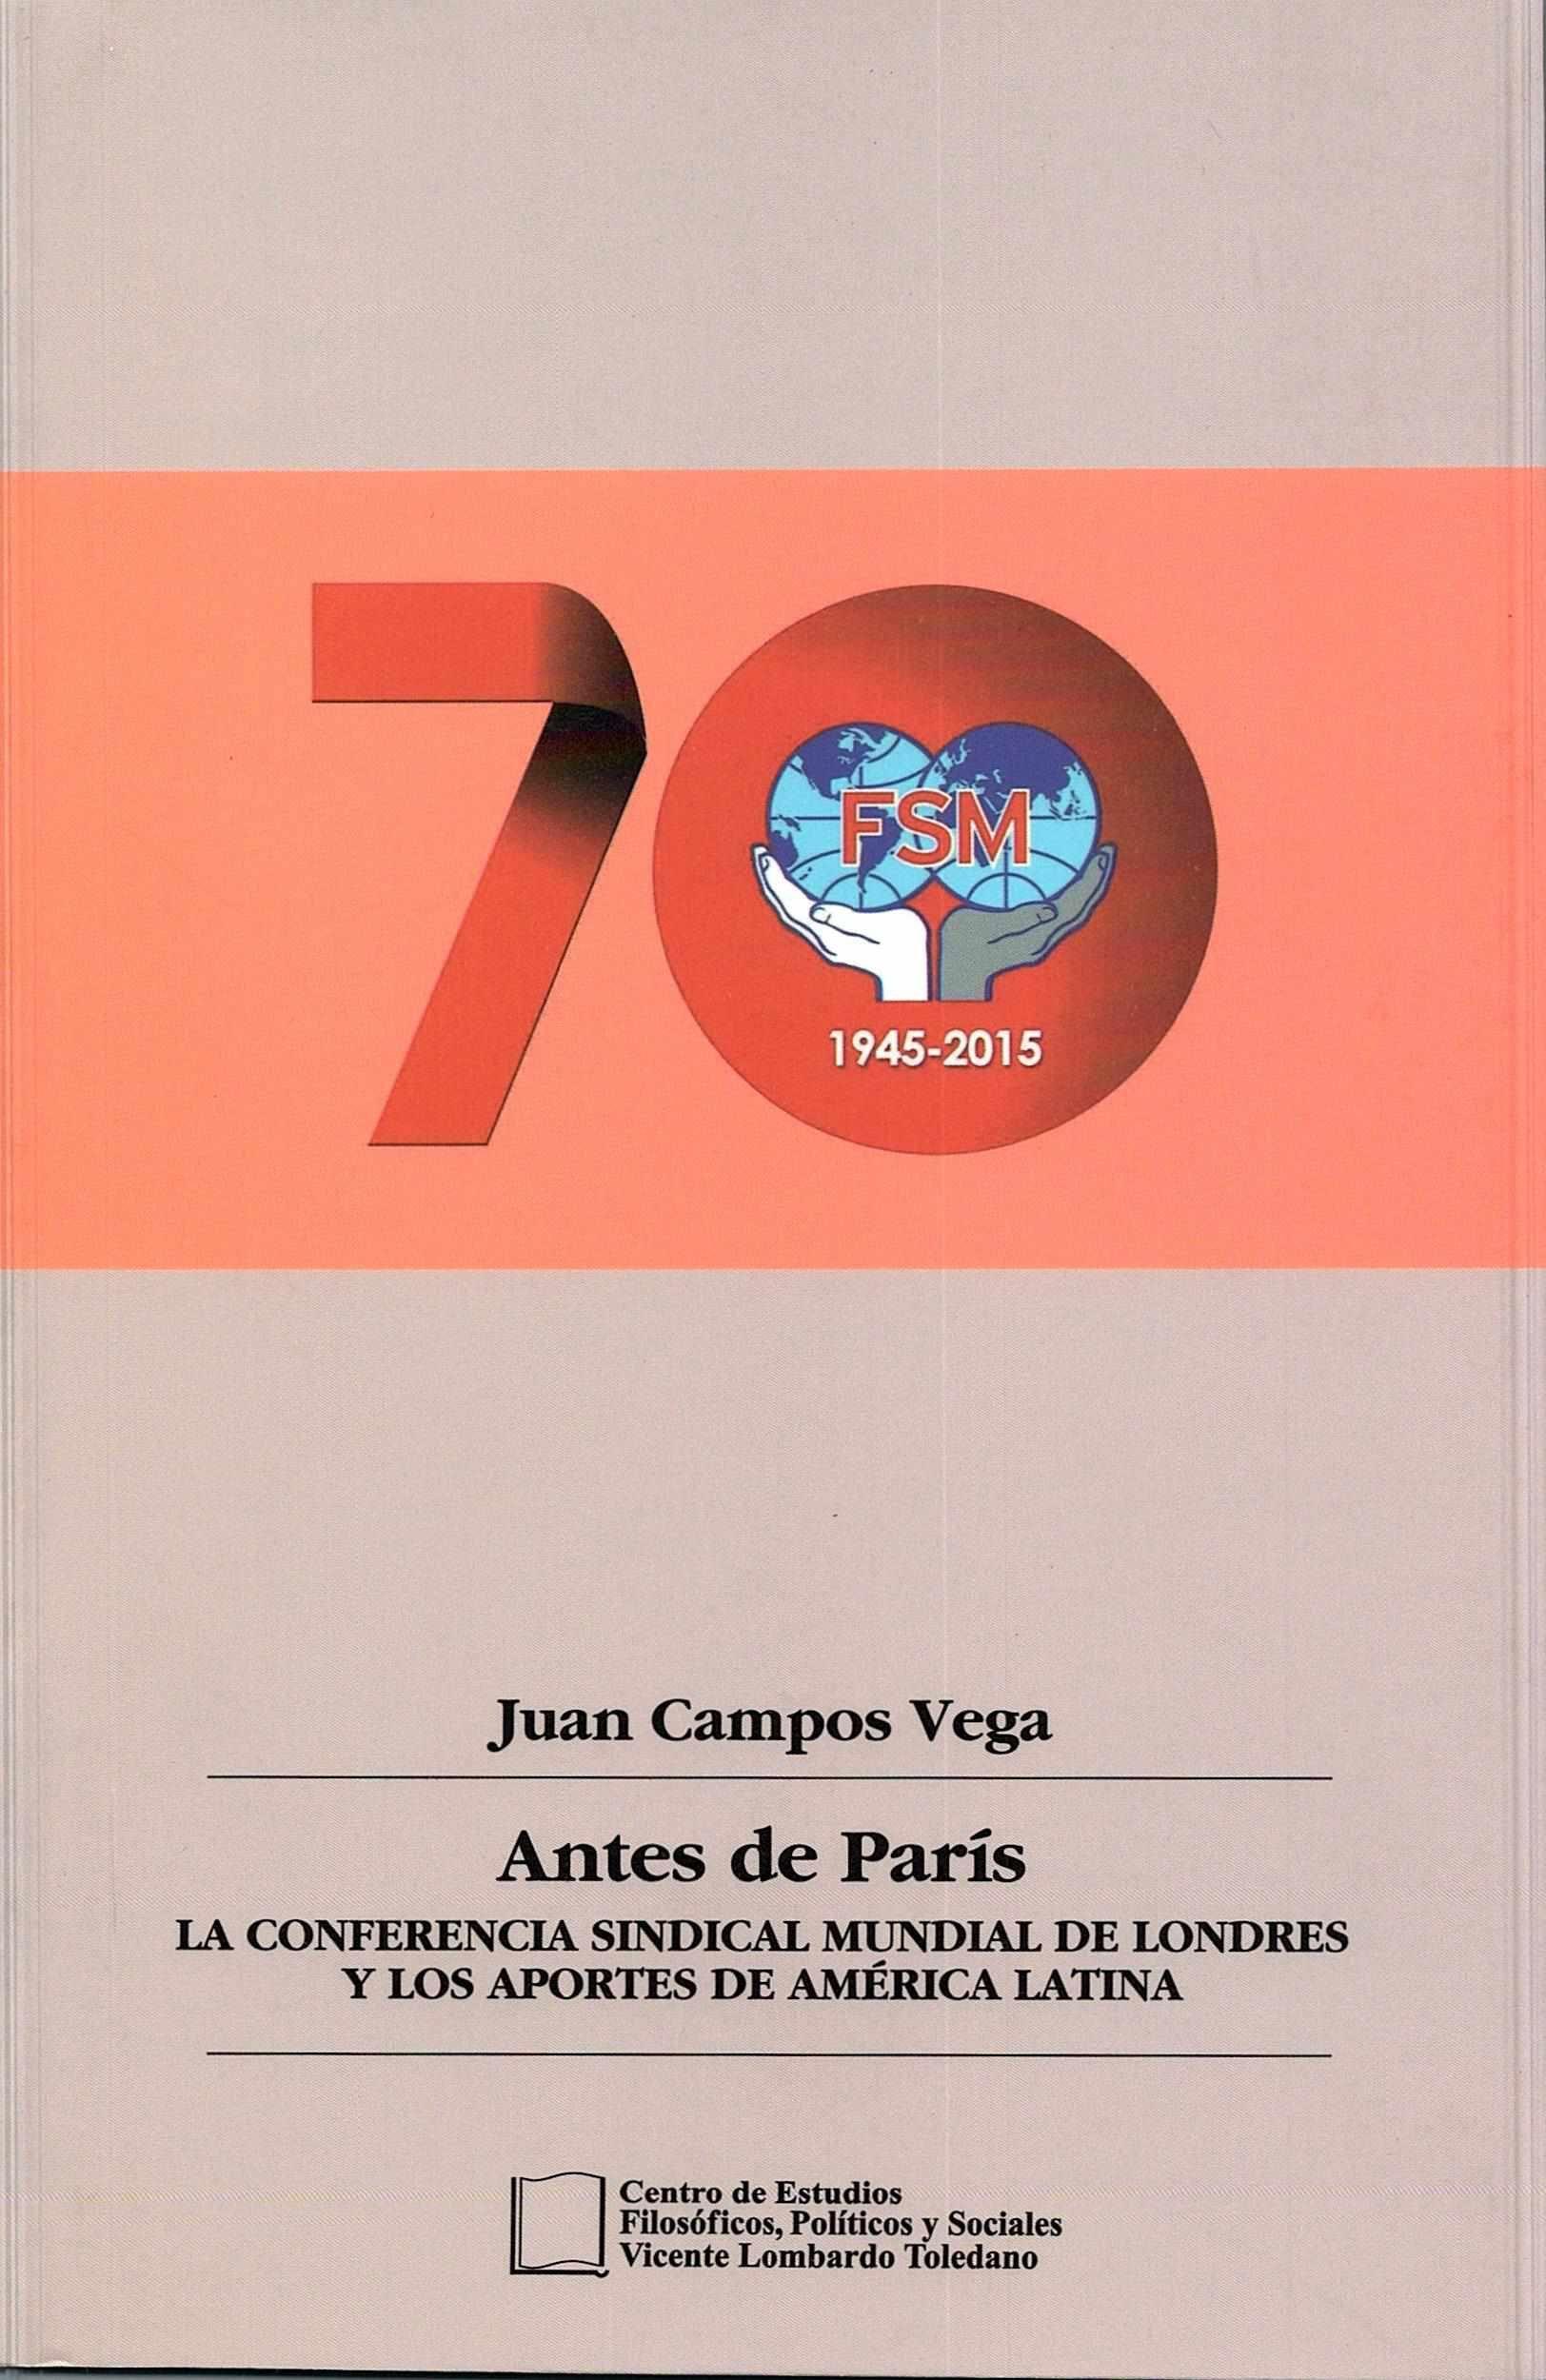 Portada del libro: Antes de París: la conferencia sindical mundial de Londres y los aportes de América Latina